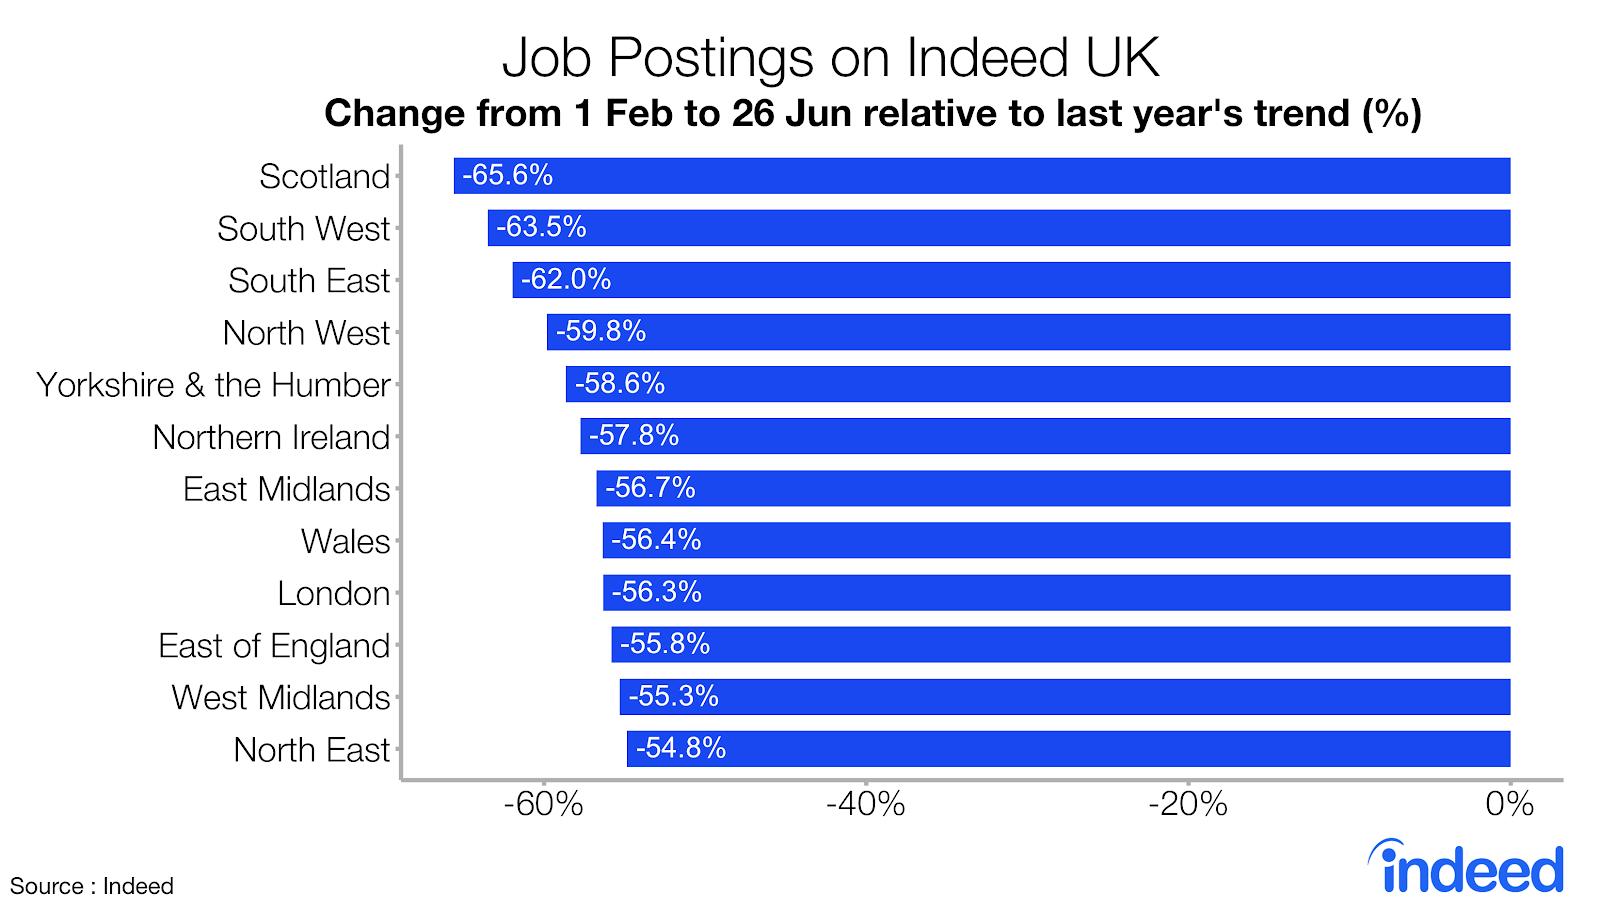 Job postings on Indeed UK